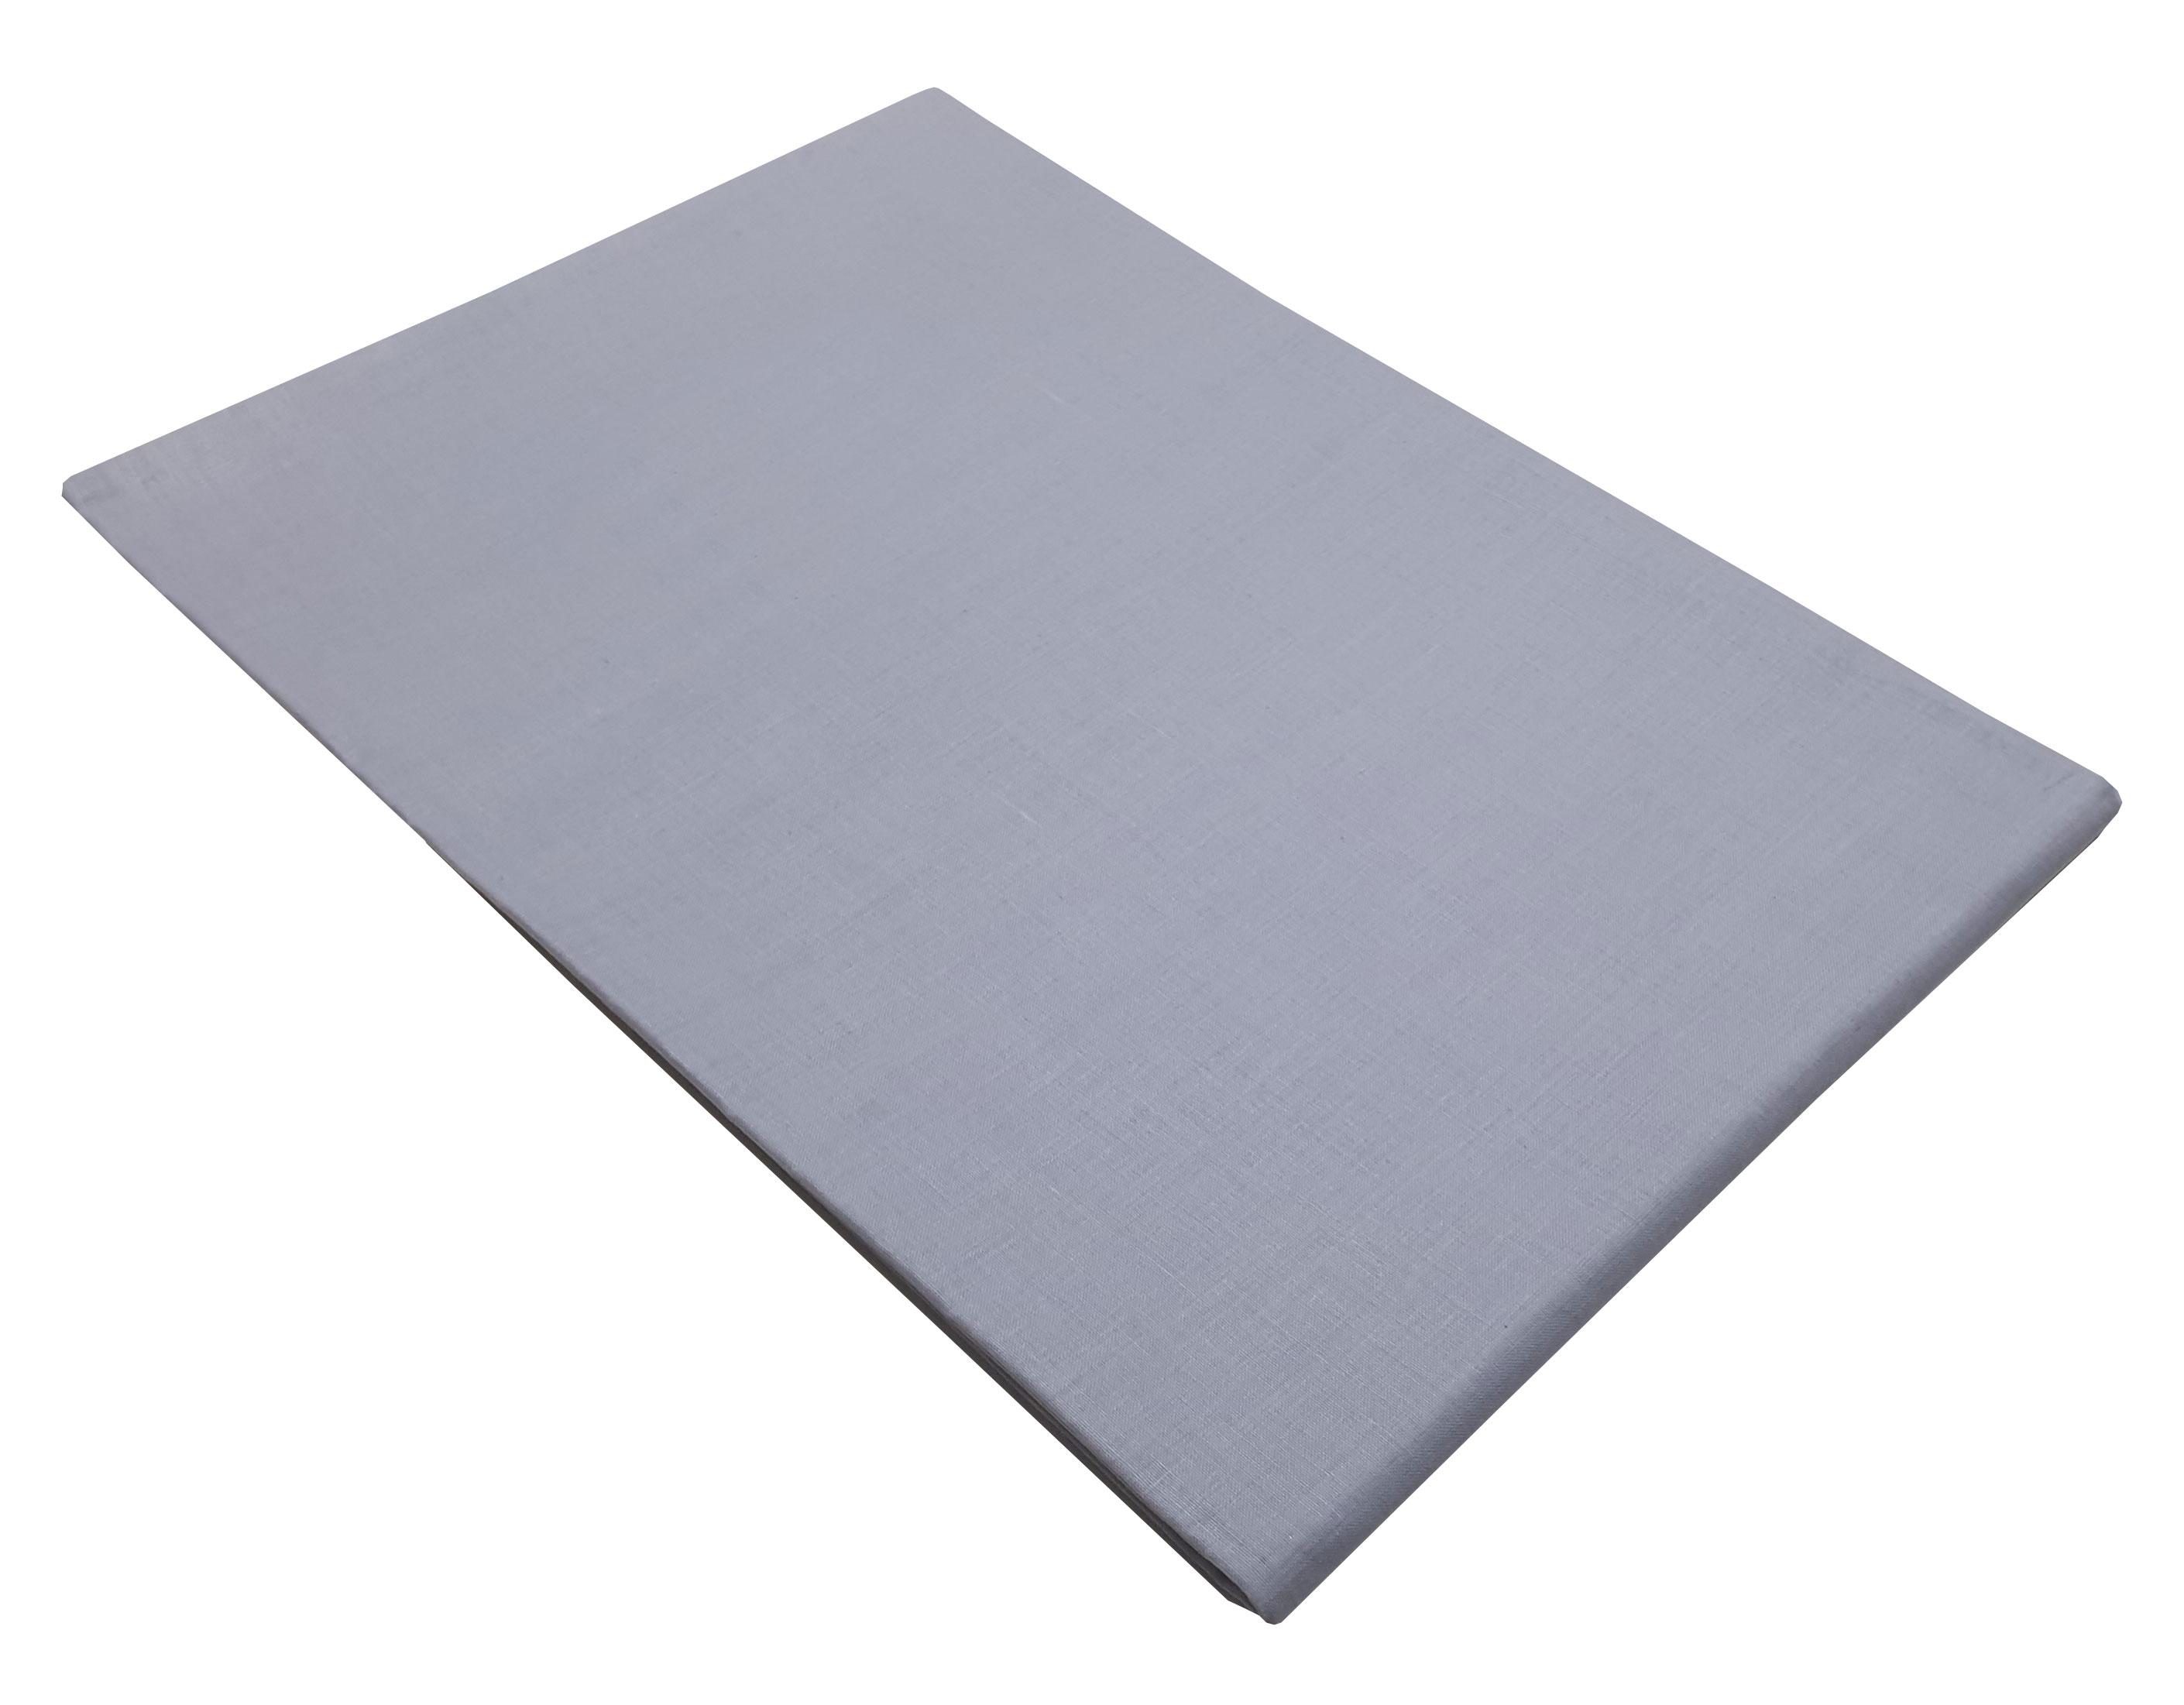 Σεντόνι ΚΟΜΒΟΣ Lavender μονόχρωμο Υπέρδιπλο με λάστιχο 170x200+20 - 7002201-30F